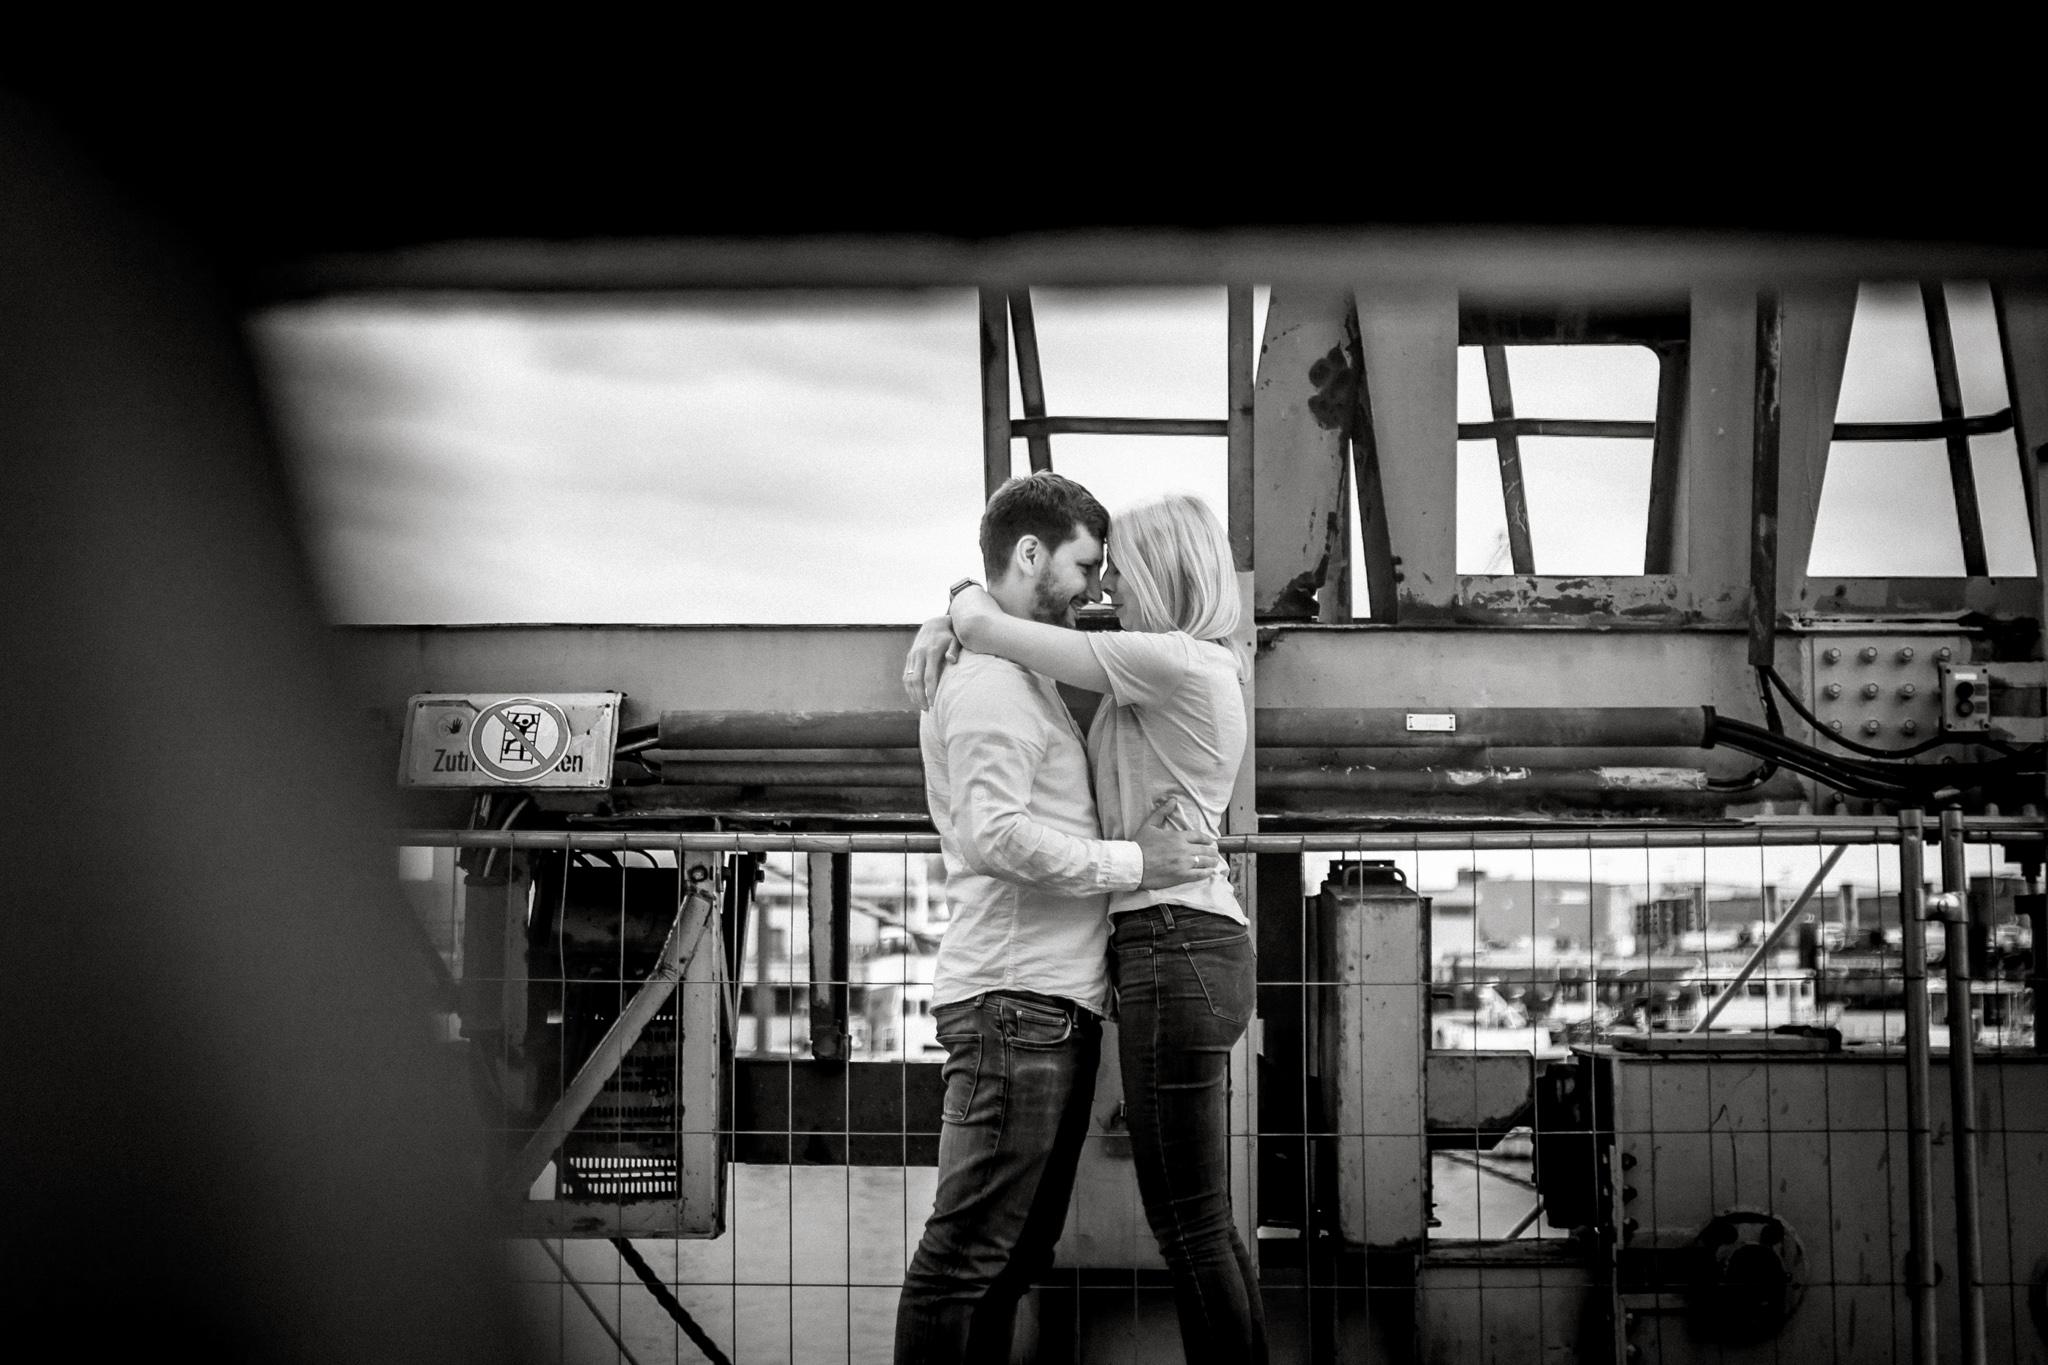 Hochzeitsfotograf, Sven Schomburg Hochzeitsfotografie, Coupleshooting, Brautpaar, Hochzeitspaar, Hamburg, Peking, Hafenmuseum Hamburg, Hochzeitstag, wahre Momente-12